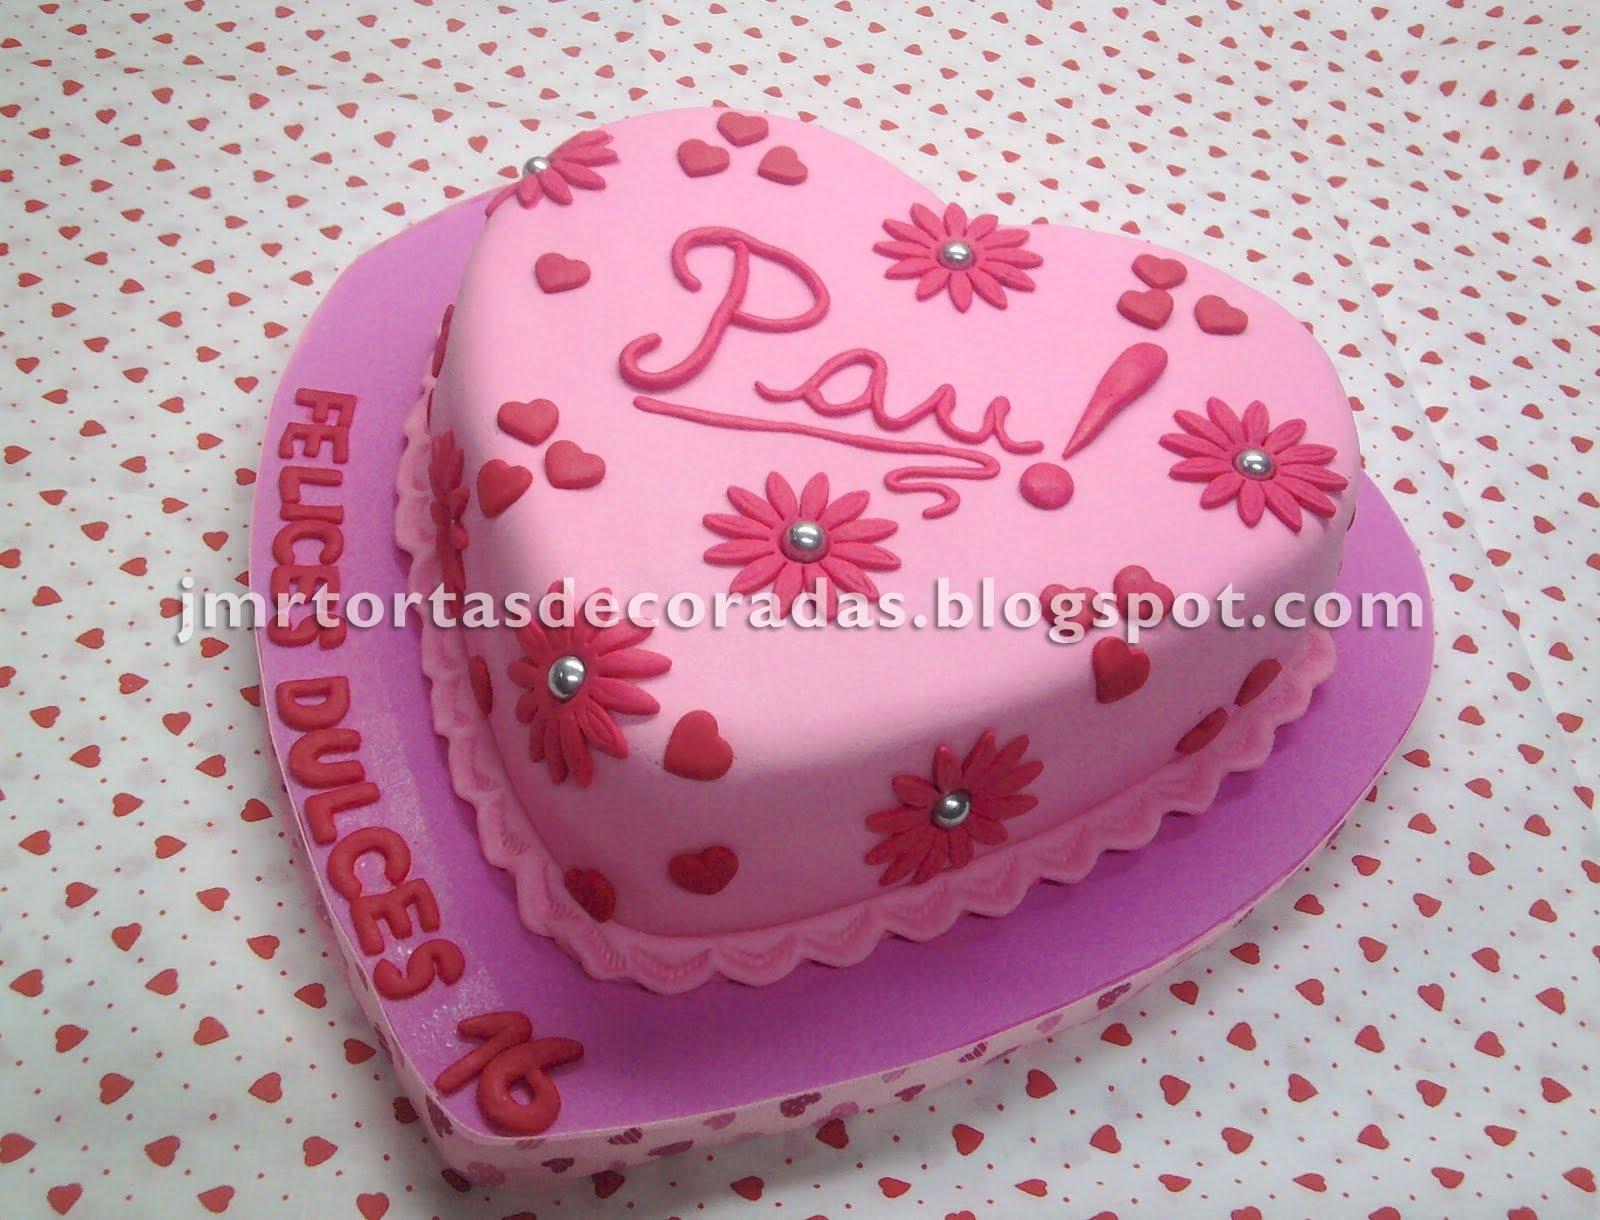 http://1.bp.blogspot.com/-kQ-UH5jcRgg/TbzbRUA9VqI/AAAAAAAAA38/rABQXvVwQCY/s1600/2011-04-10%2B01.39.12.jpg